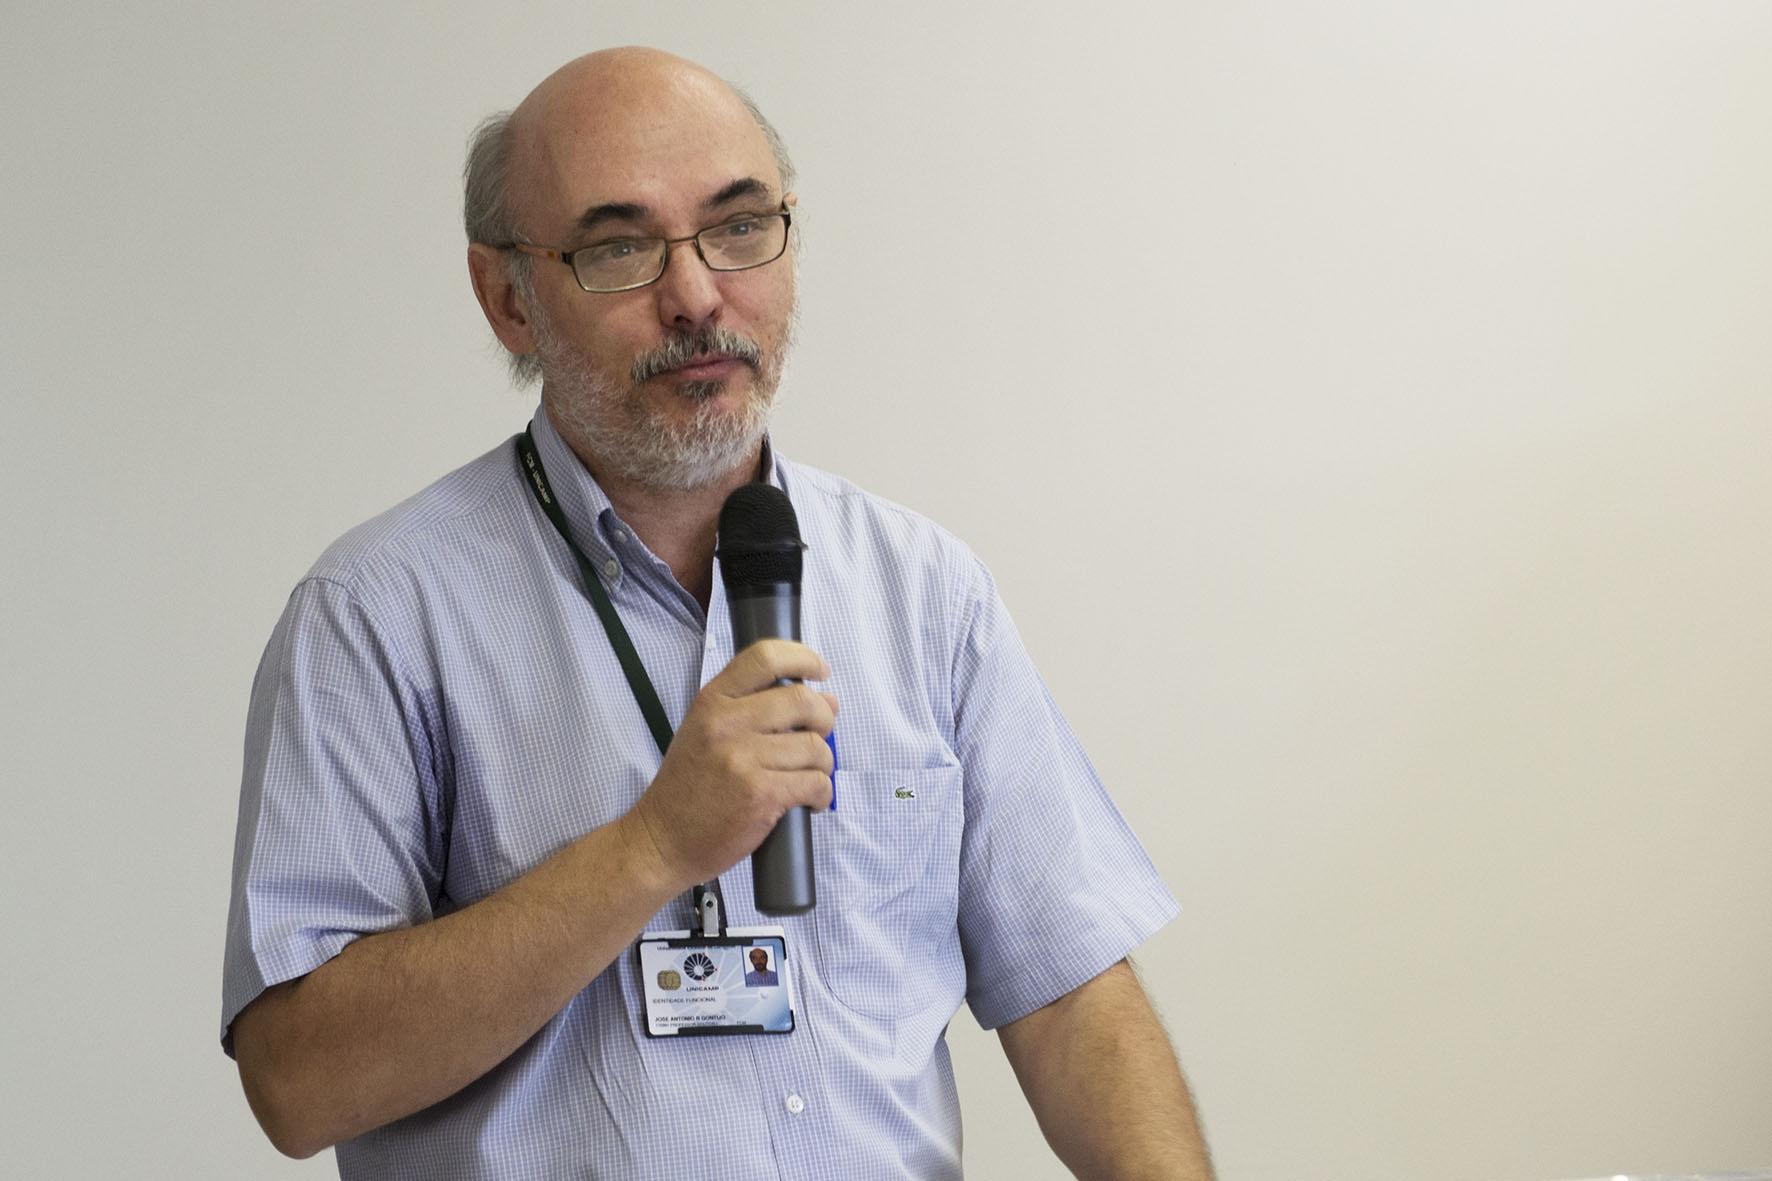 José Antonio Rocha Gontijo, diretor da FCM de 2006 a 2010. Foto: Marcelo Oliveira. CADCC-FCM/Unicamp